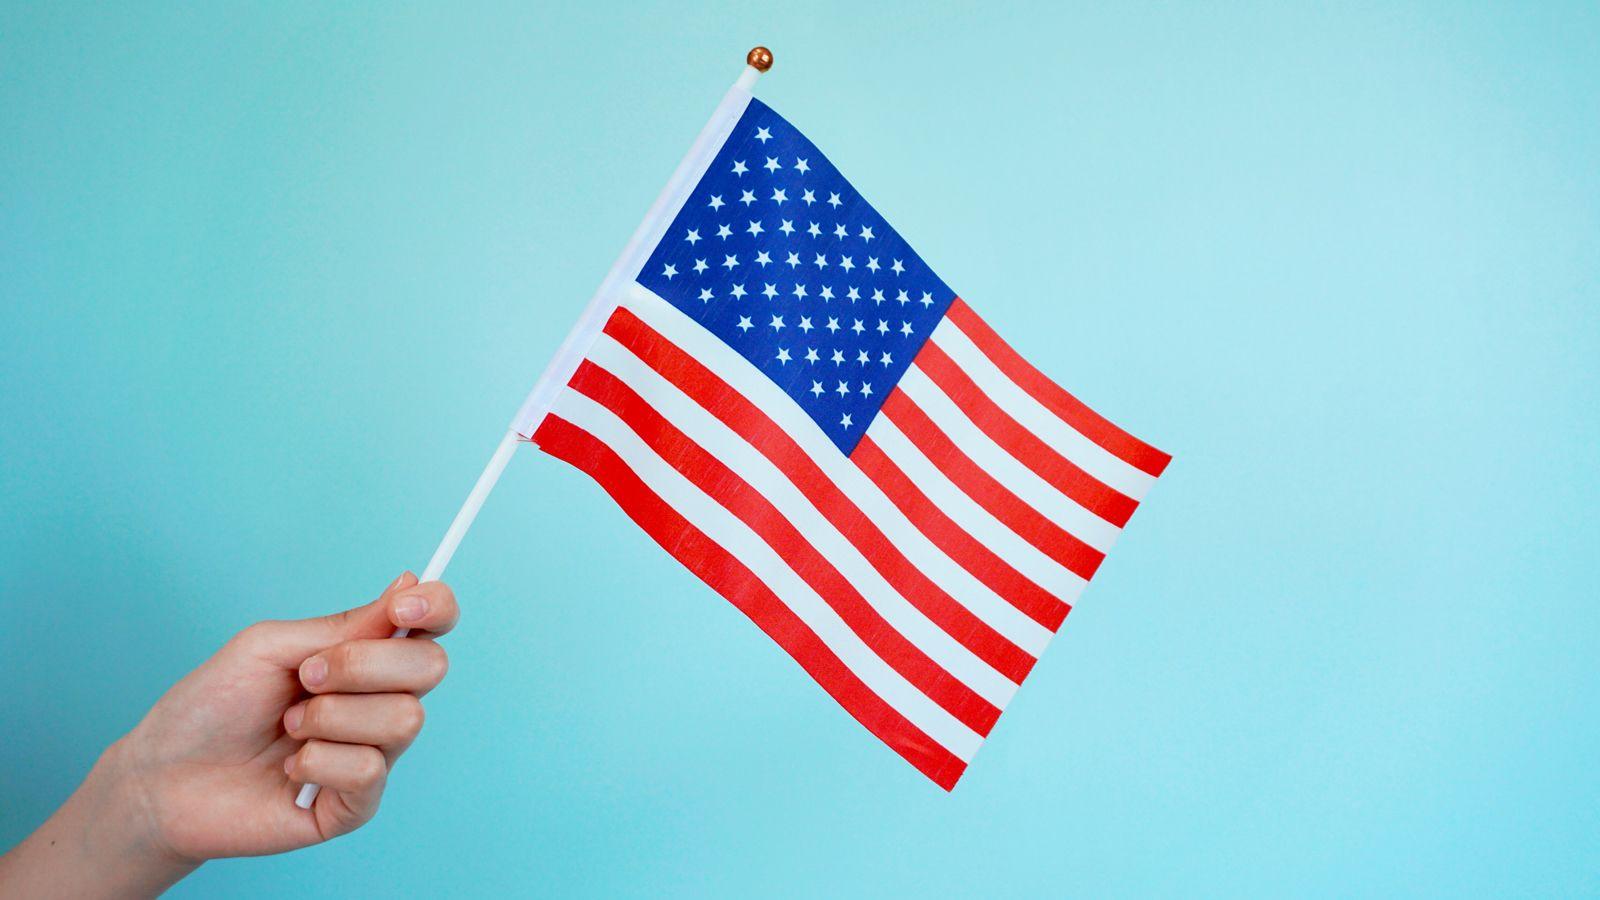 米大統領選、なぜ「高齢者候補」が好まれるのか | アメリカ大統領選2020 ...